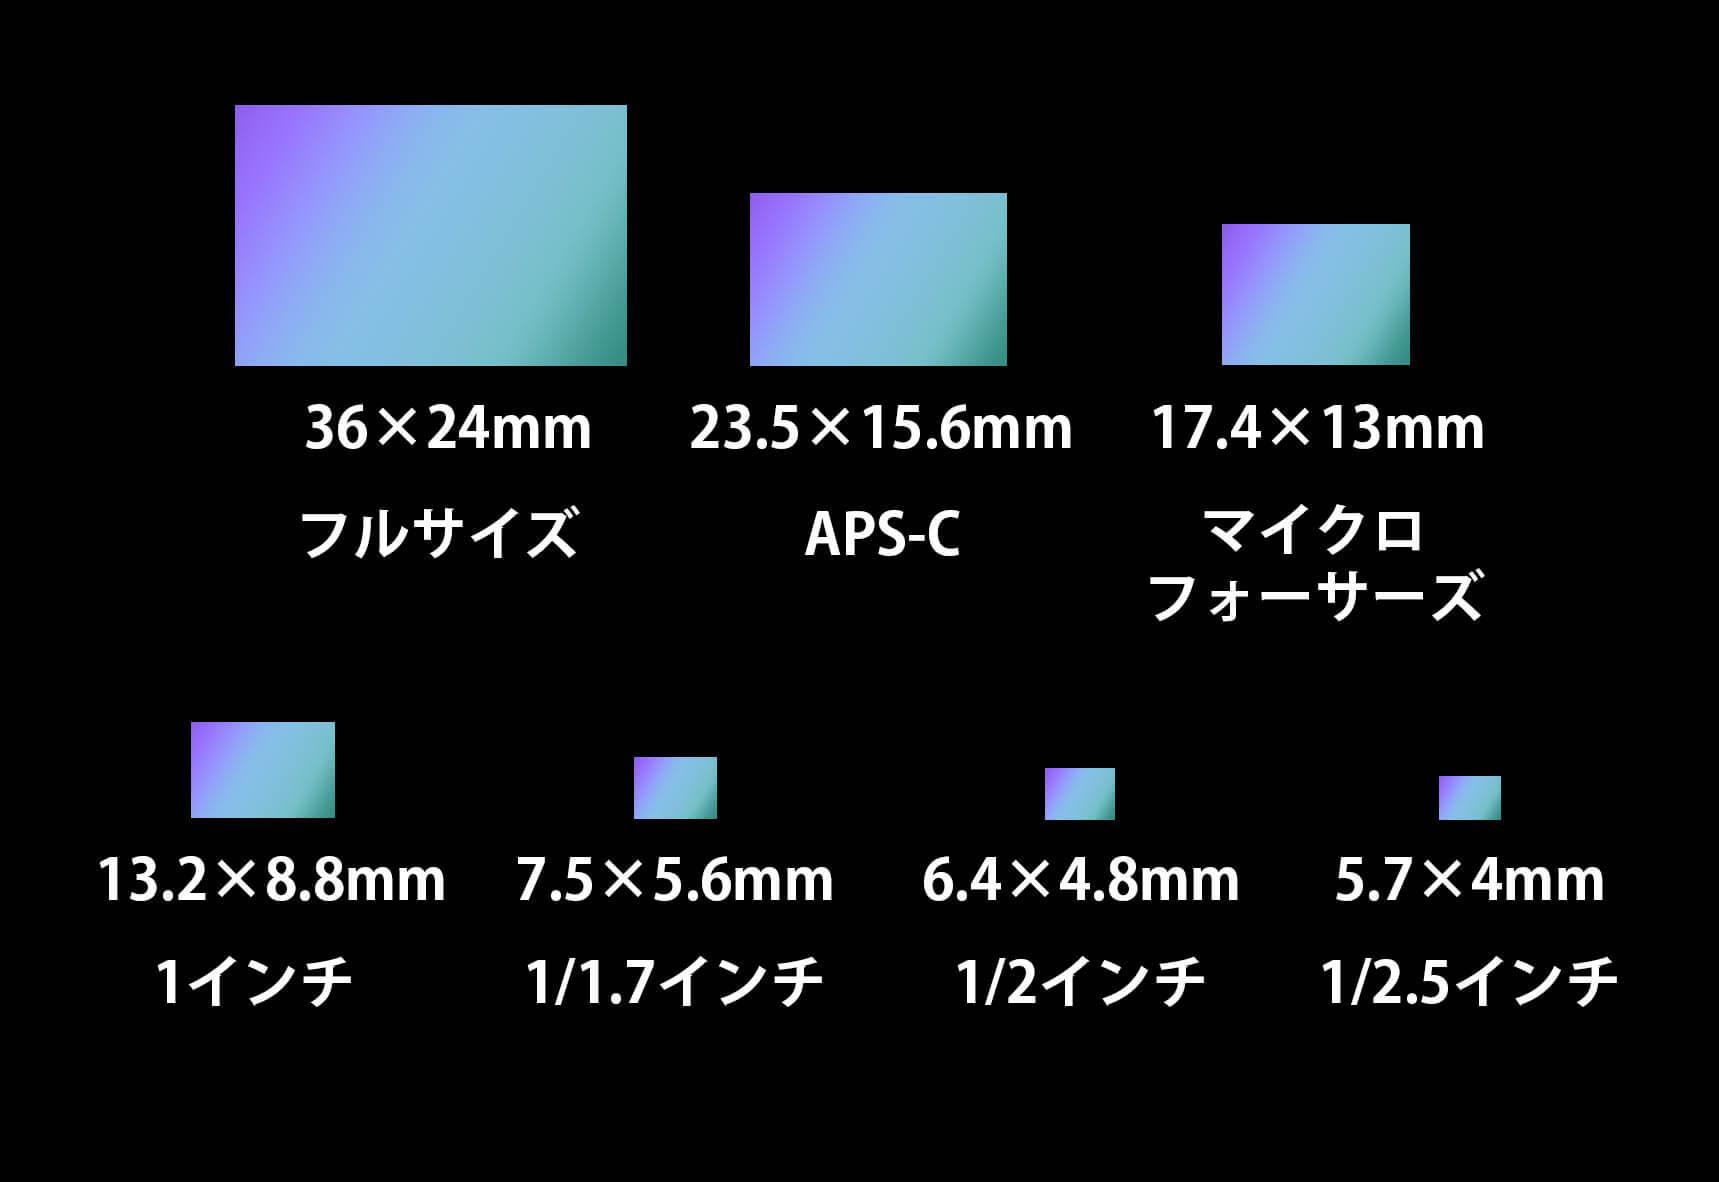 スマートフォンカメラのイメージセンサーは一眼レフと比較して小さい